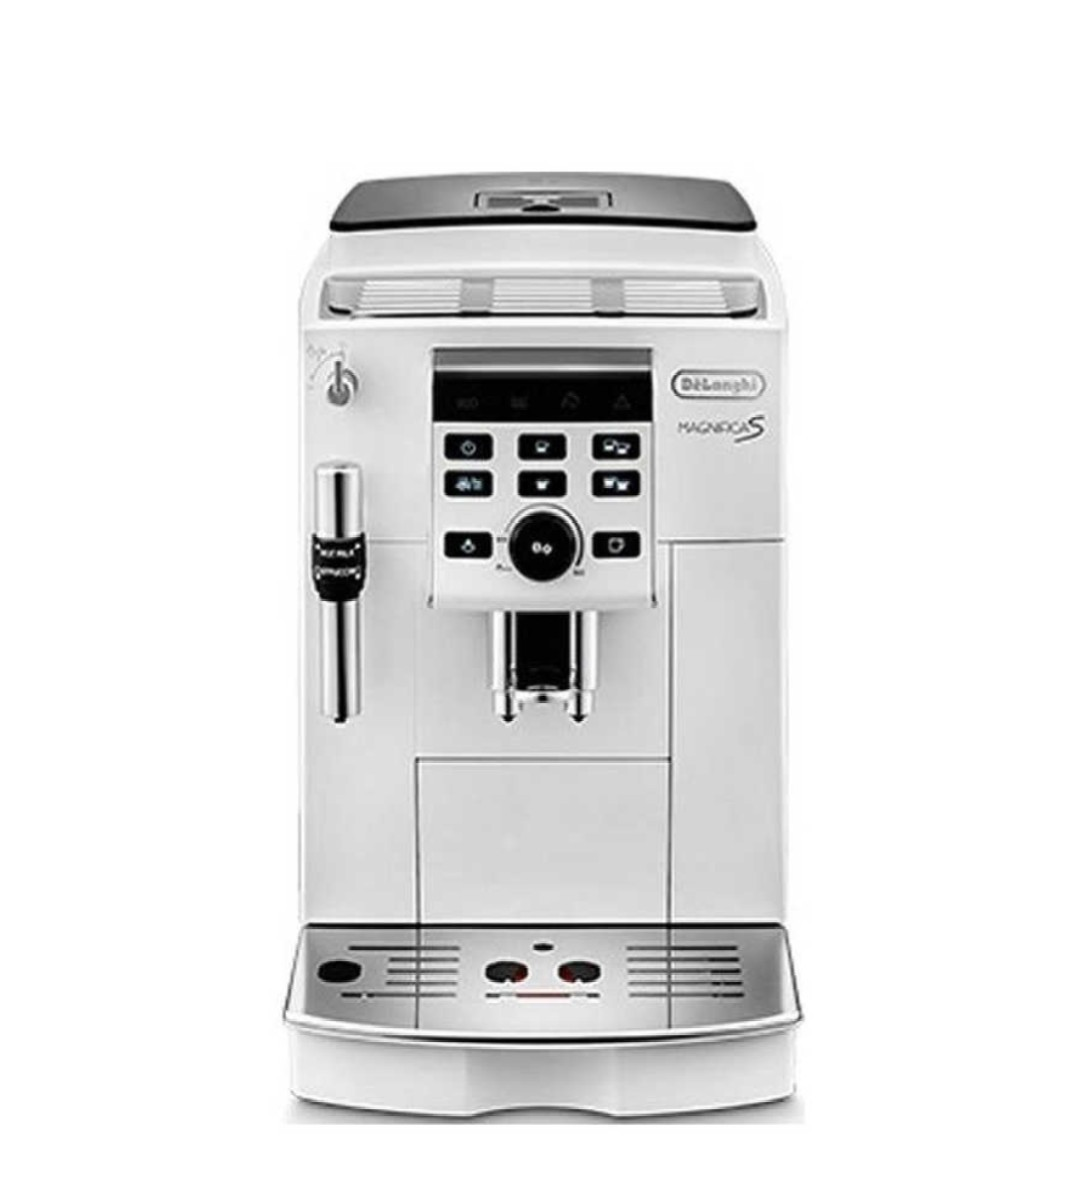 デロンギ 全自動コーヒーマシン マグニフィカS ホワイト ECAM23120WN DeLonghi